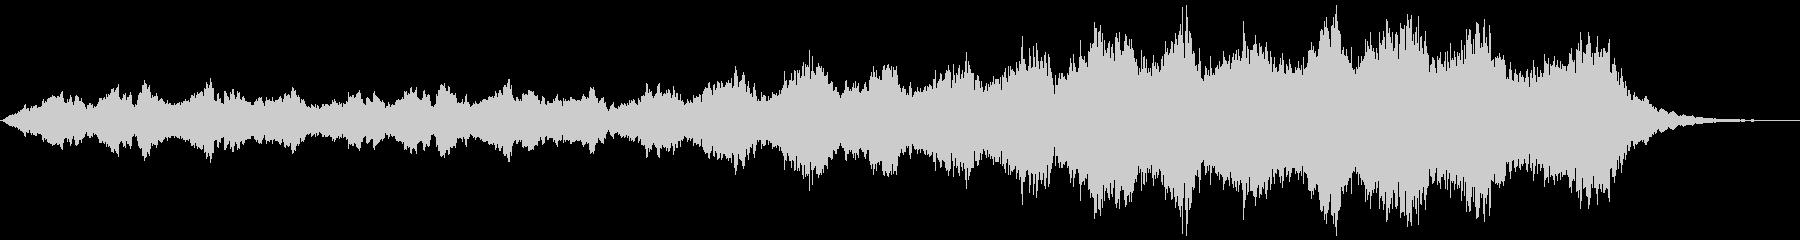 シンセサイザーを使用したアンビエントの未再生の波形